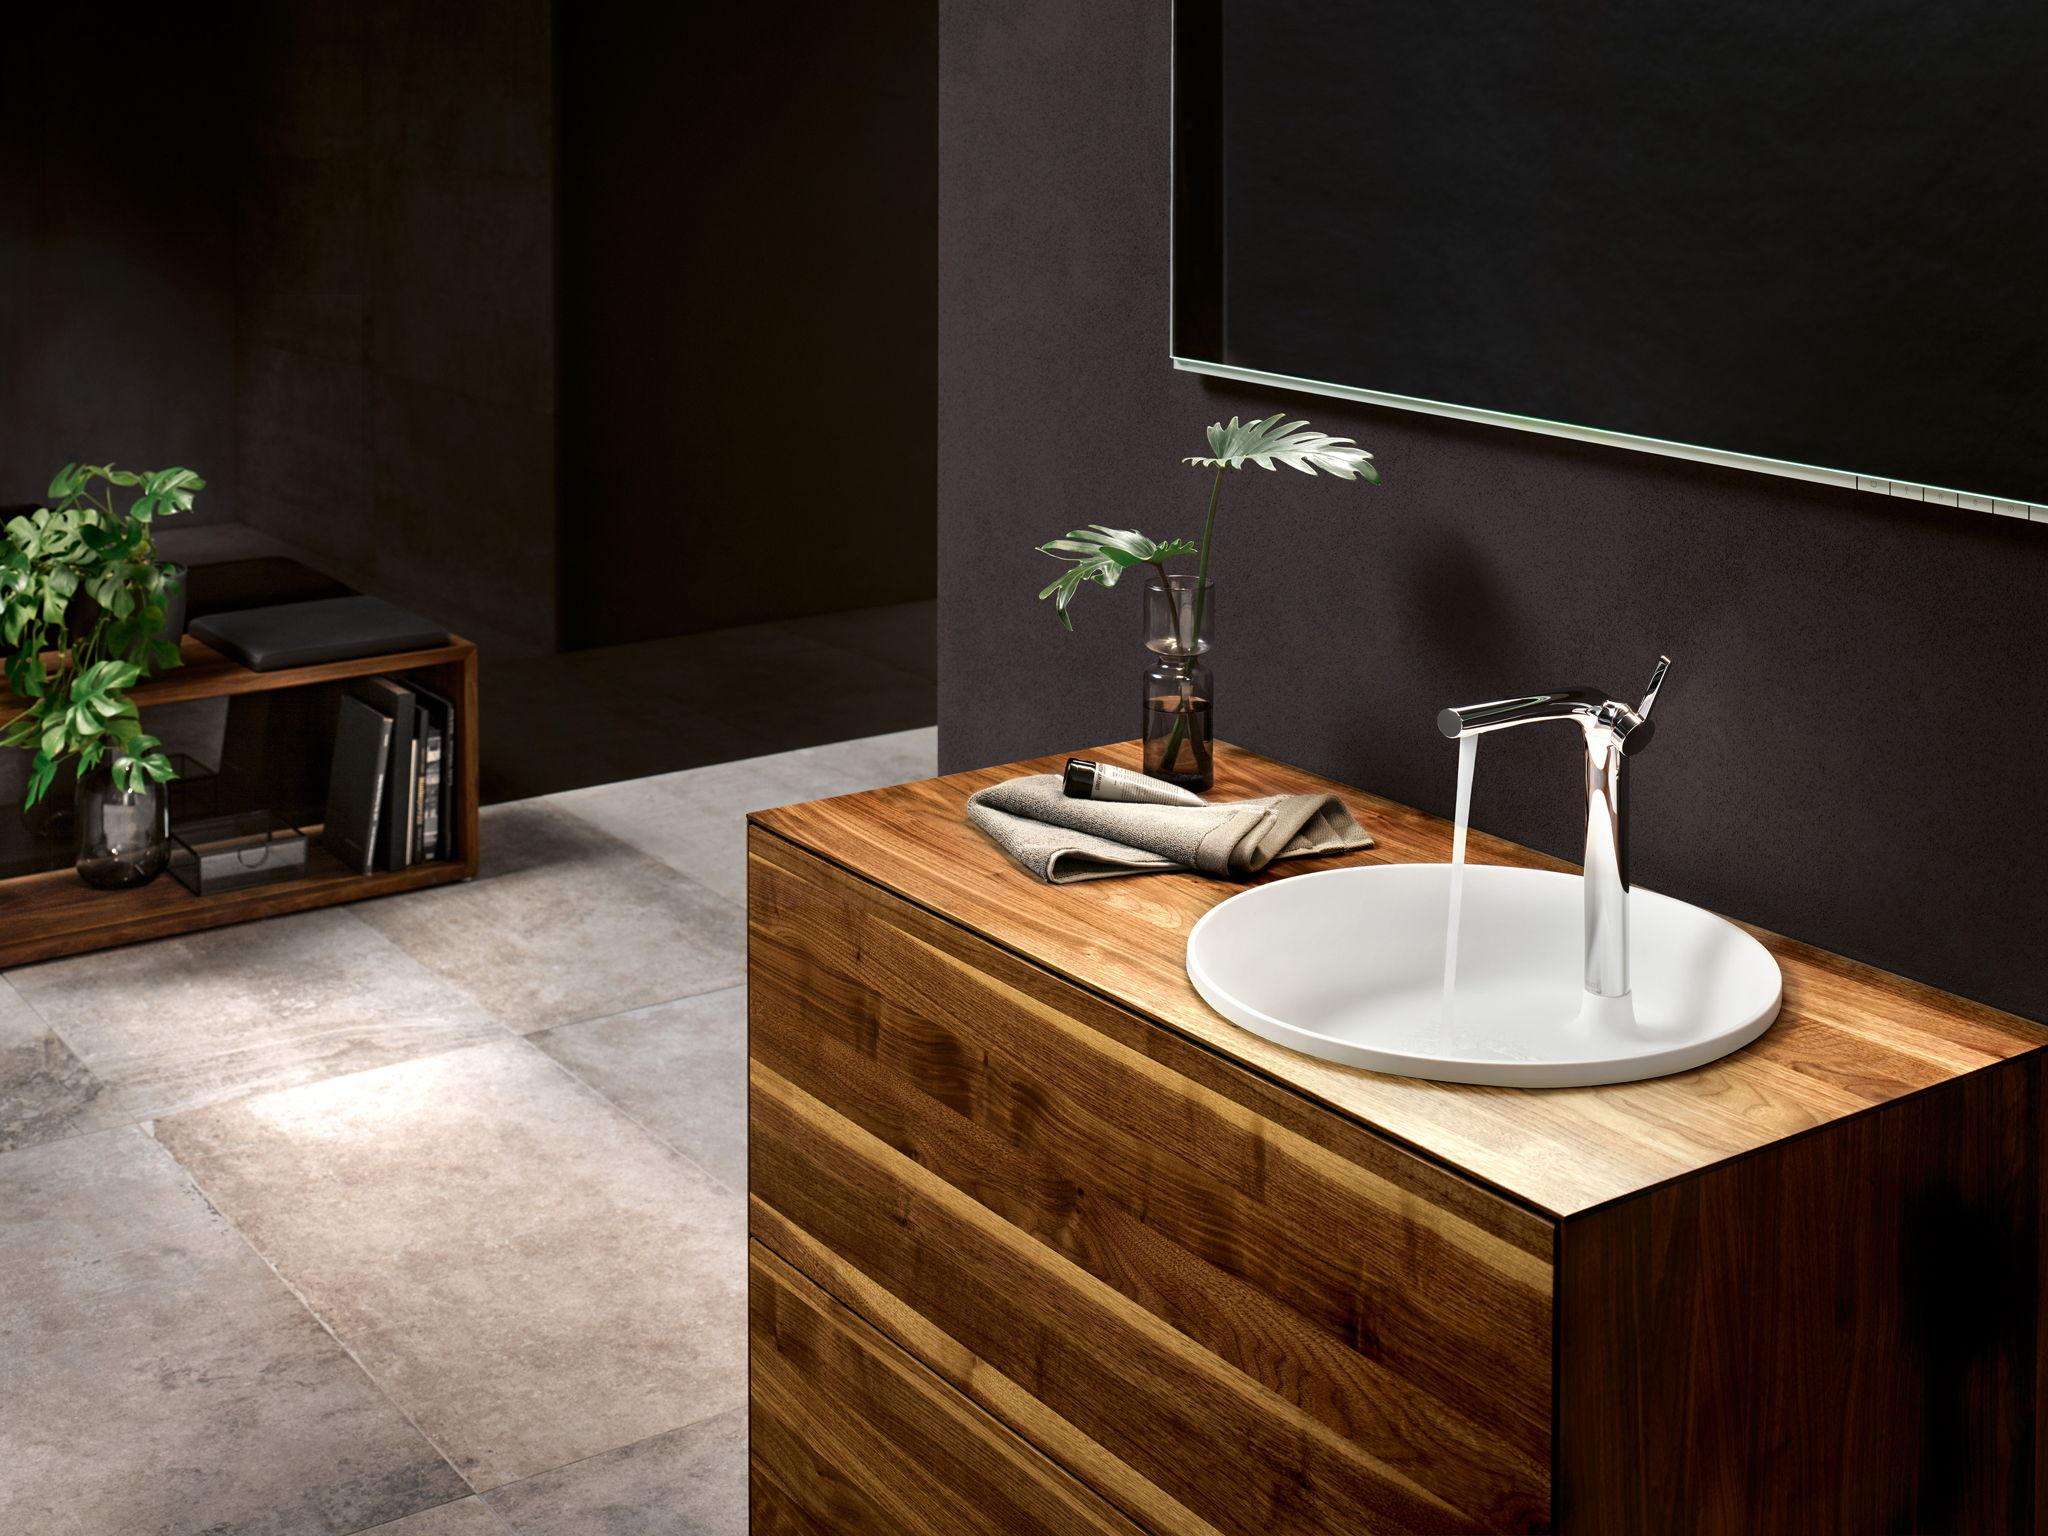 Miroir Salle De Bain Keuco ~ edition lignatur de keuco le bois naturel s invite dans la salle